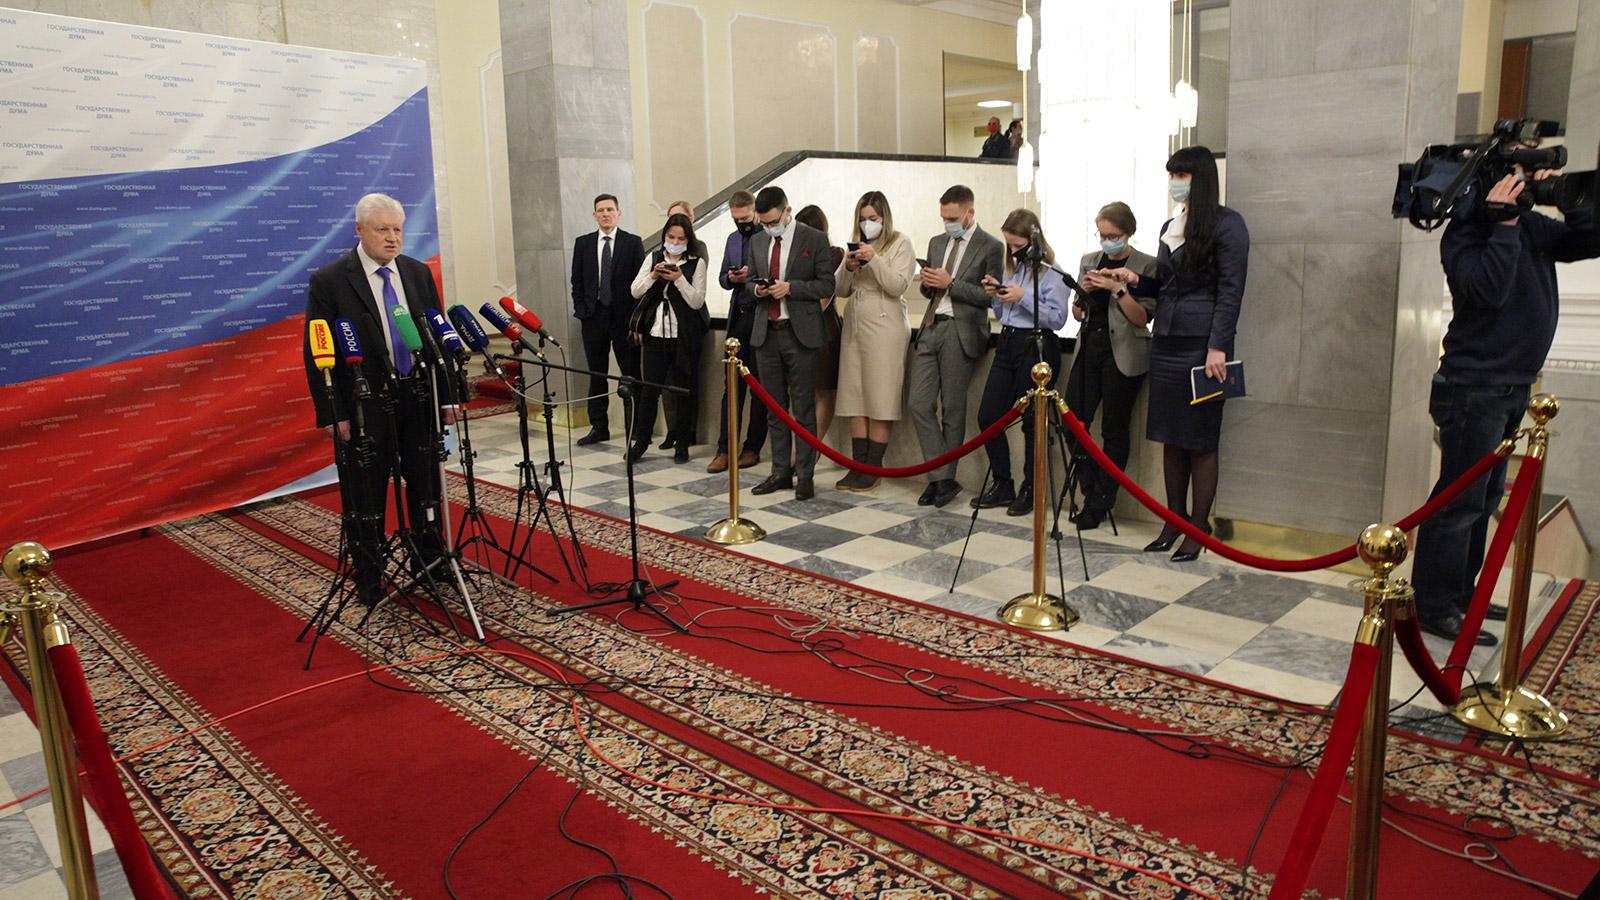 Сергей Миронов прокомментировал повестку пленарного заседания ГД